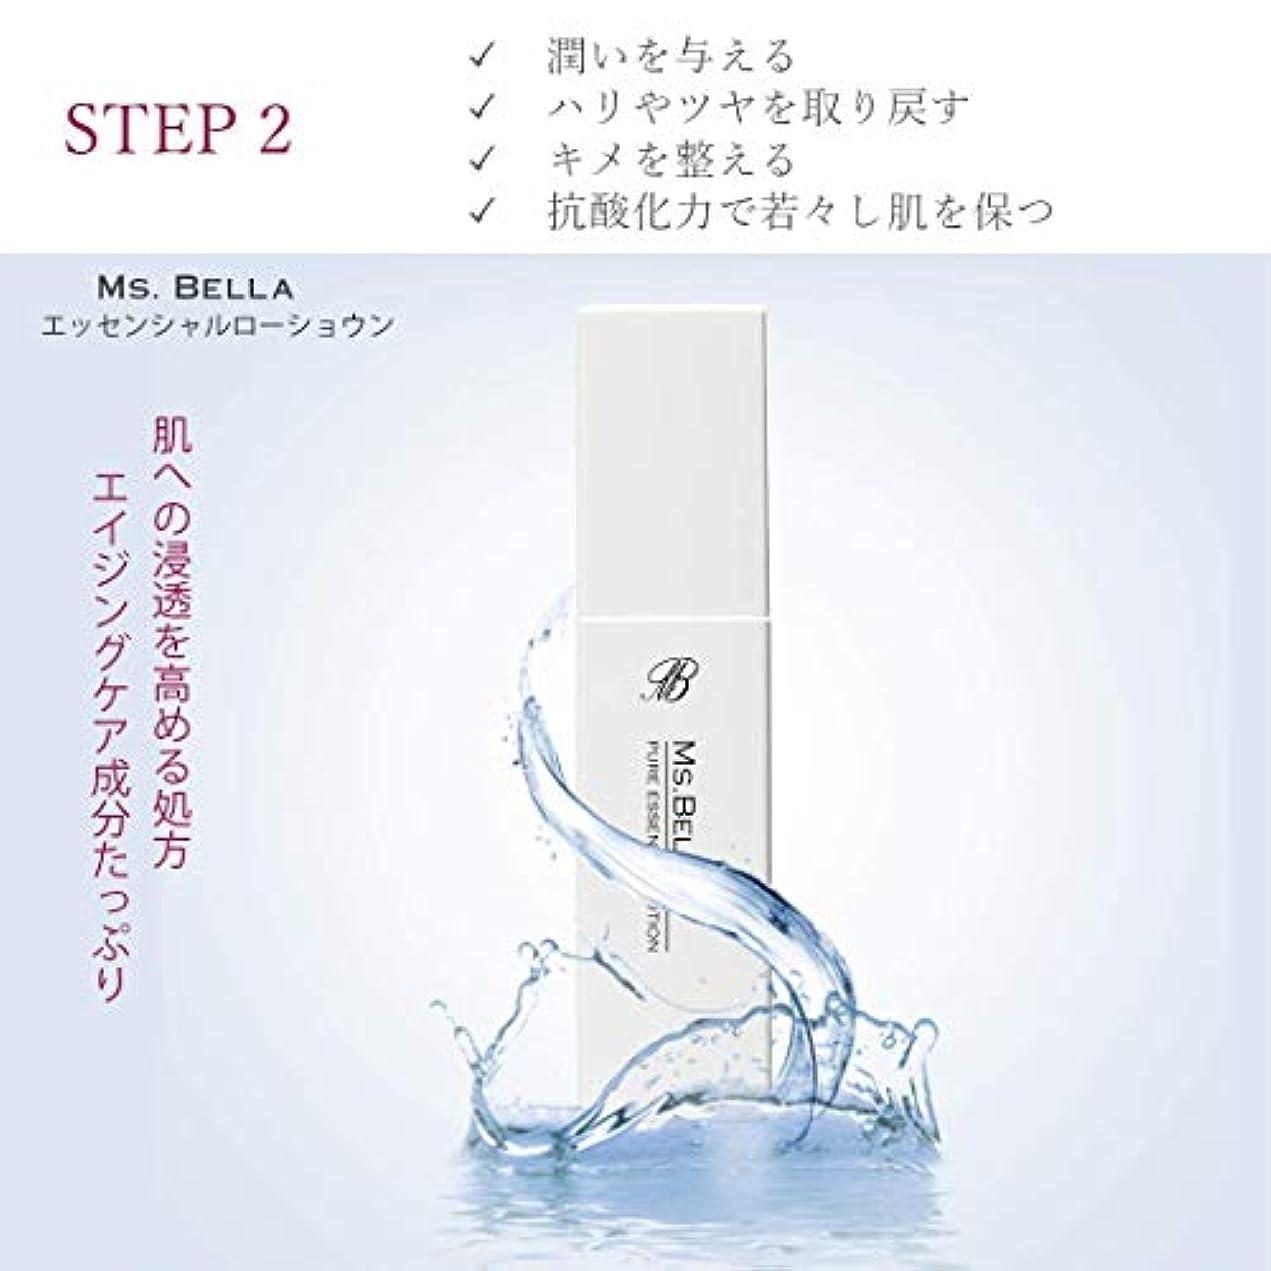 黒くする怠けた逆にエイジングケエッセンシャルローション「化粧水」 Ms.Bella Pure Essential Lotion (Halal-Certified)